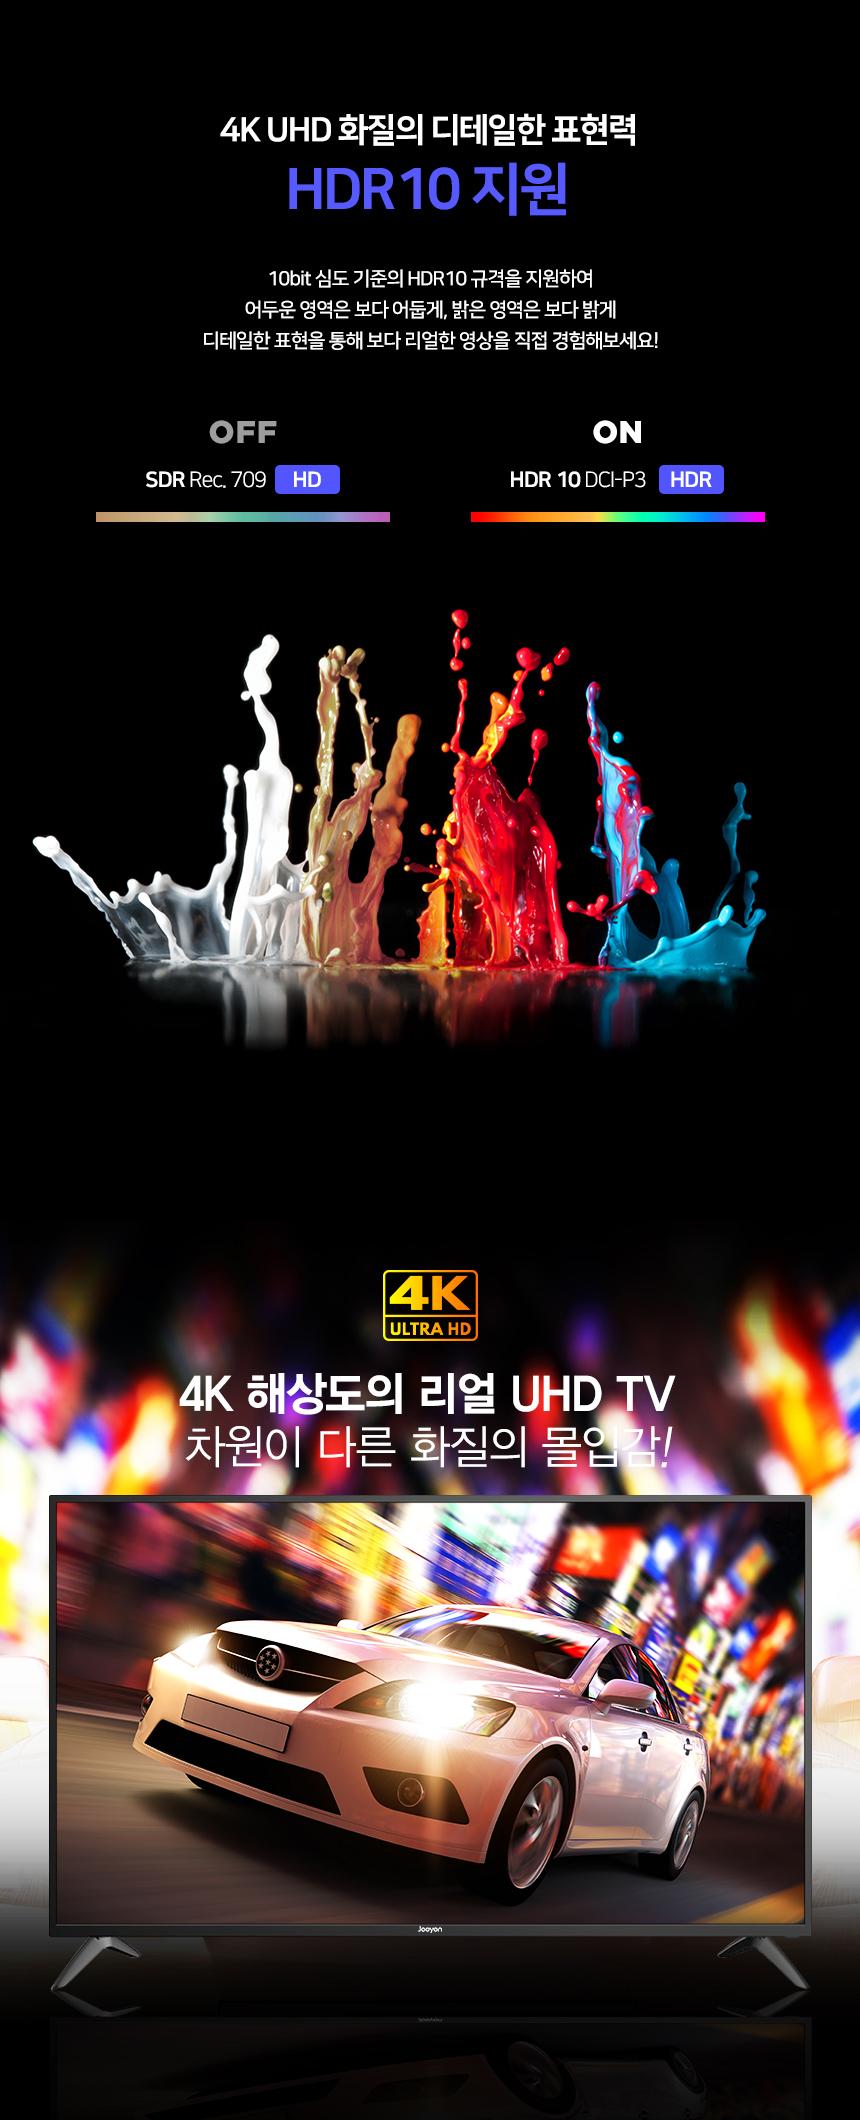 주연전자 50인치 무결점UHD HDR1등급_J50HDR-D4599,000원-다온비지니스생활/가전, 생활가전, TV, 스탠드바보사랑주연전자 50인치 무결점UHD HDR1등급_J50HDR-D4599,000원-다온비지니스생활/가전, 생활가전, TV, 스탠드바보사랑